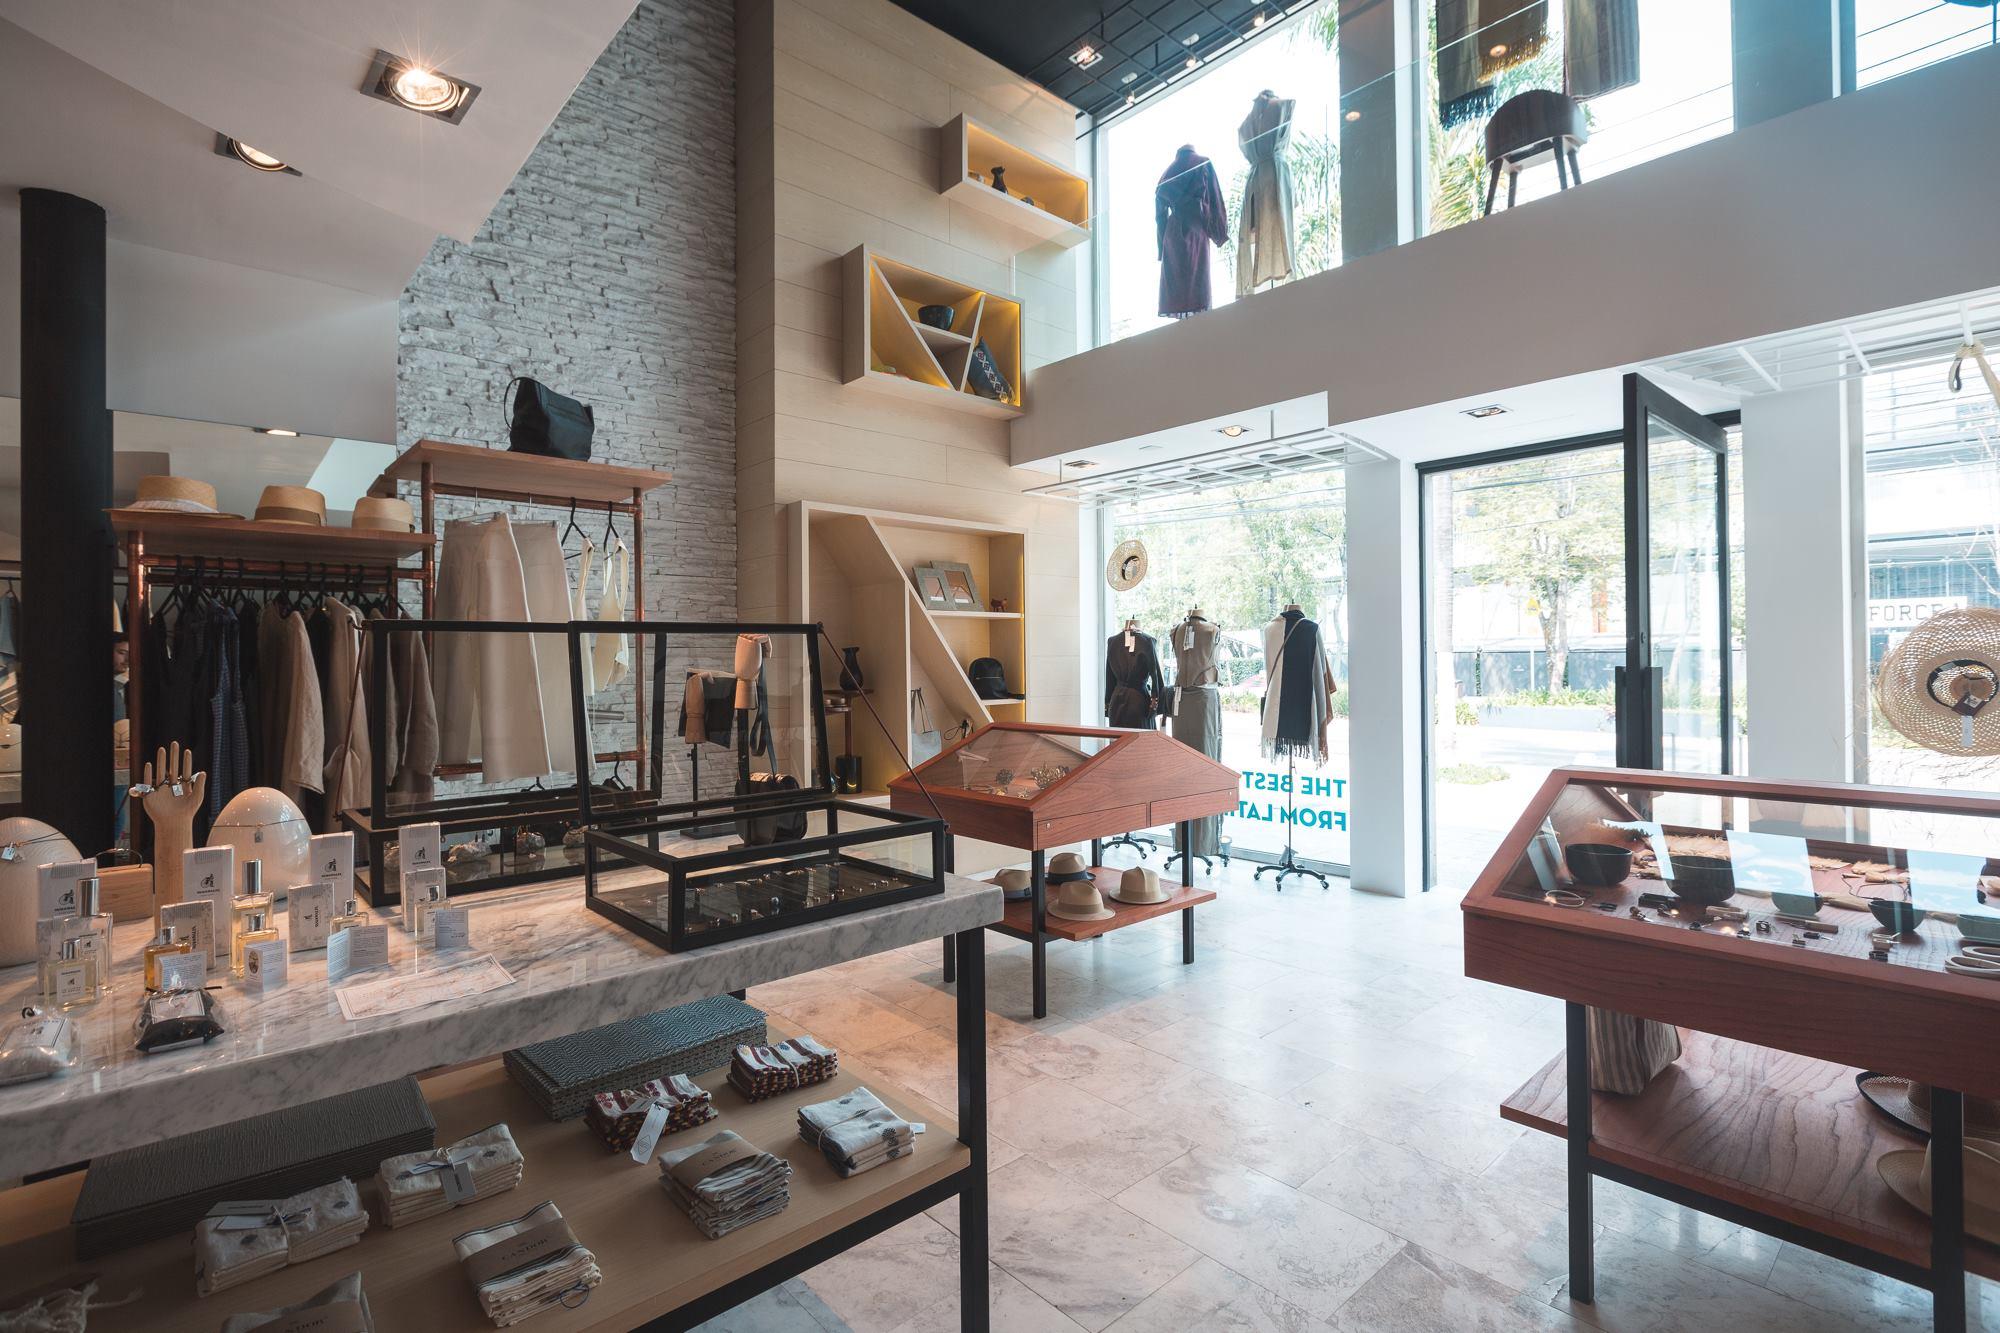 Revista c digo arte arquitectura dise o cine for Revista habitat arquitectura diseno interiorismo